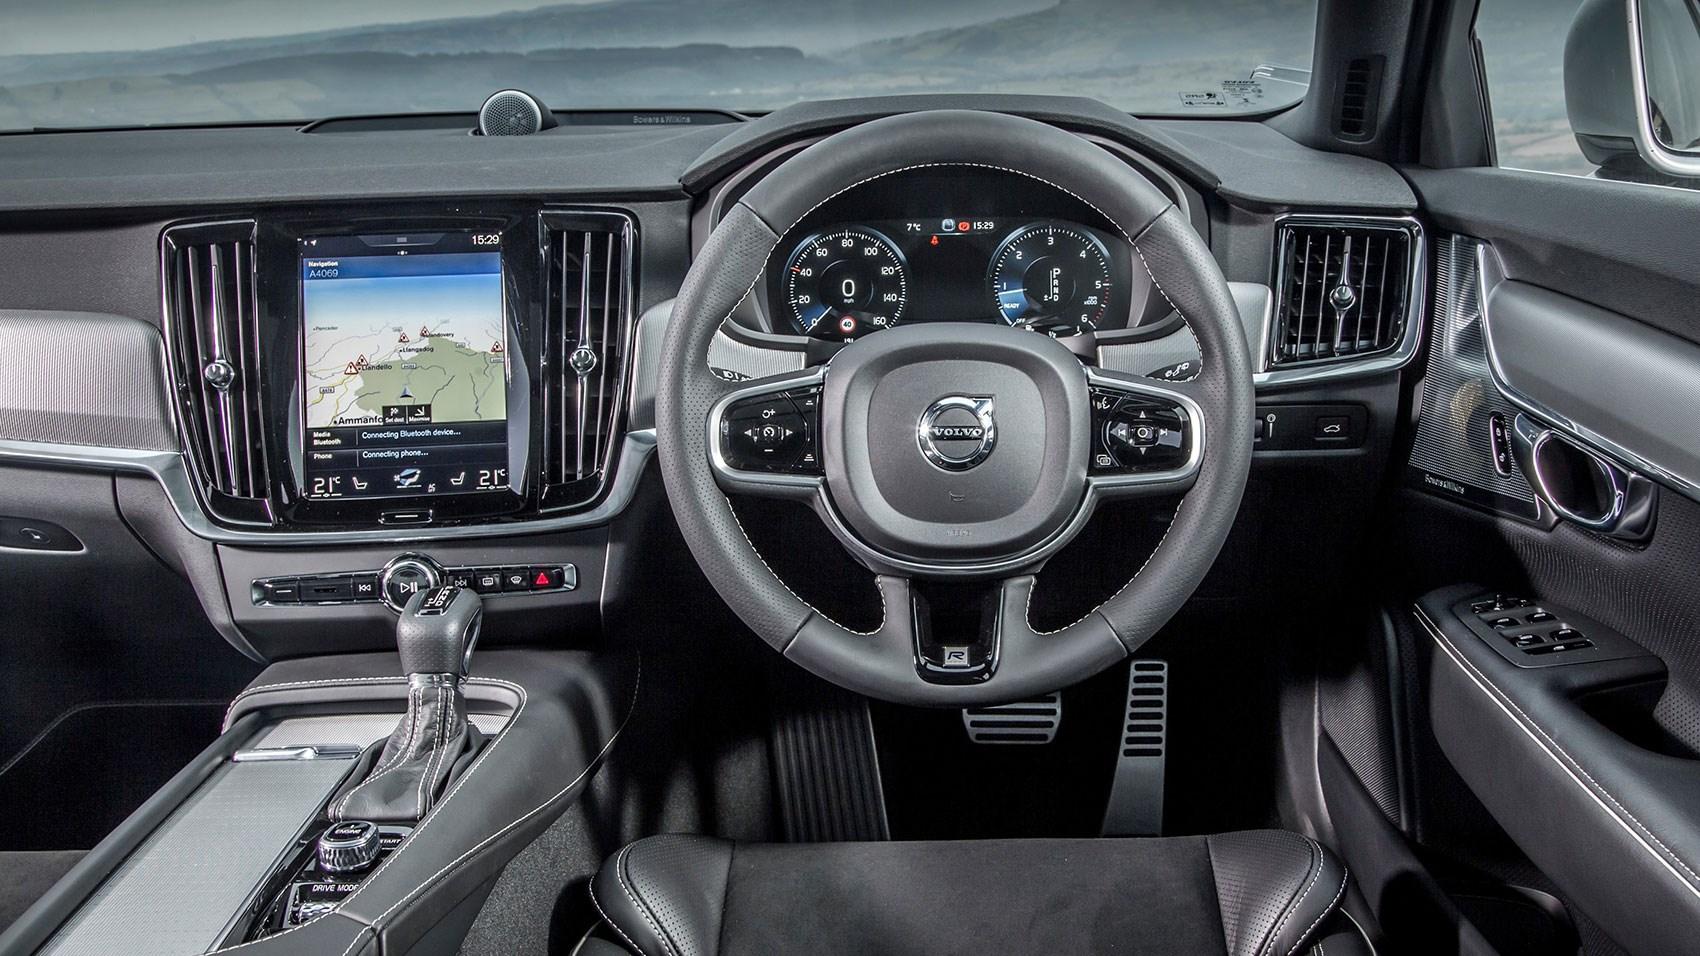 Volvo V90 cabin